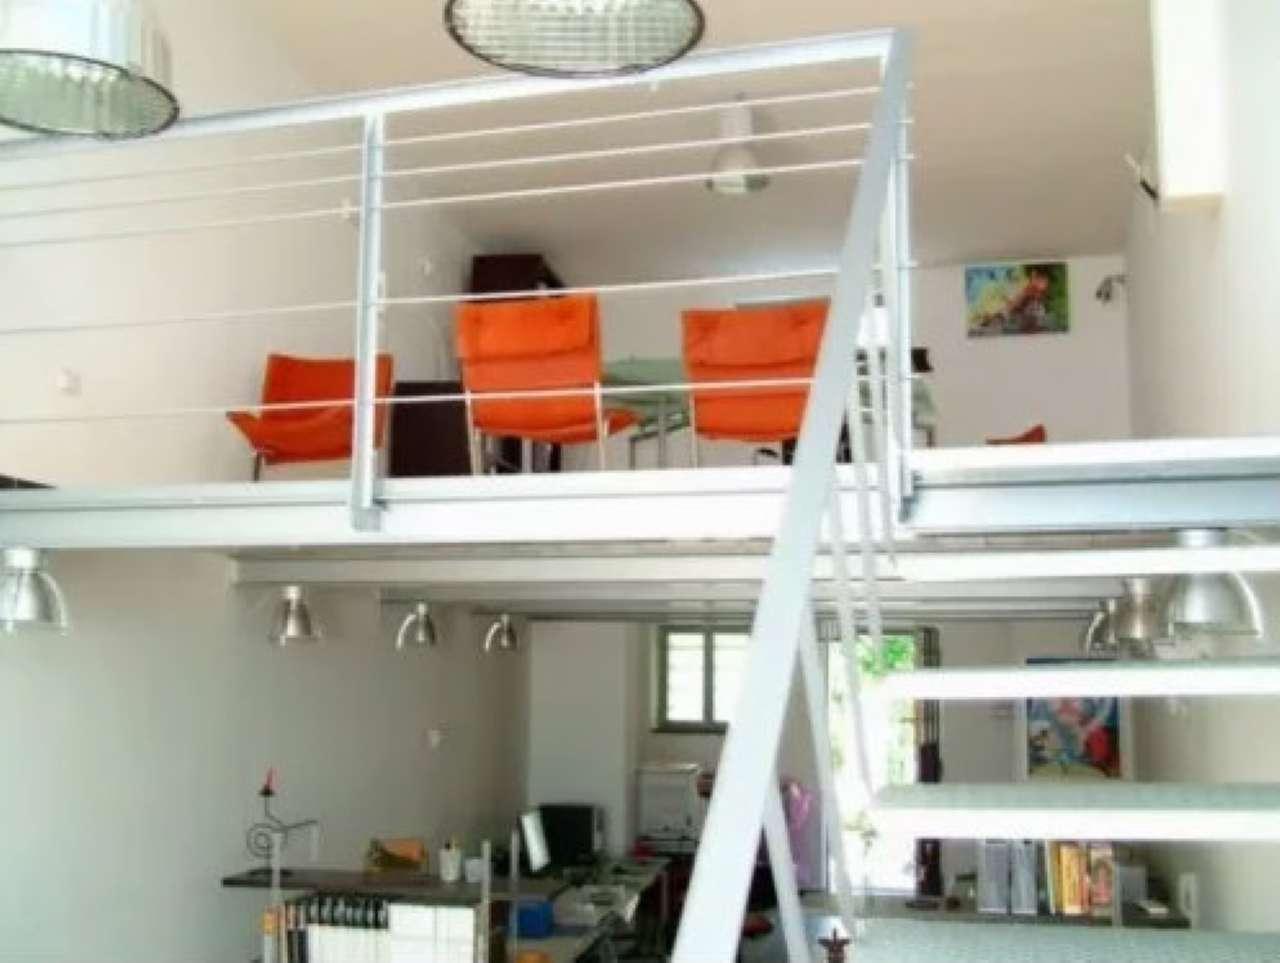 Ufficio / Studio in affitto a Saviano, 2 locali, prezzo € 450 | CambioCasa.it